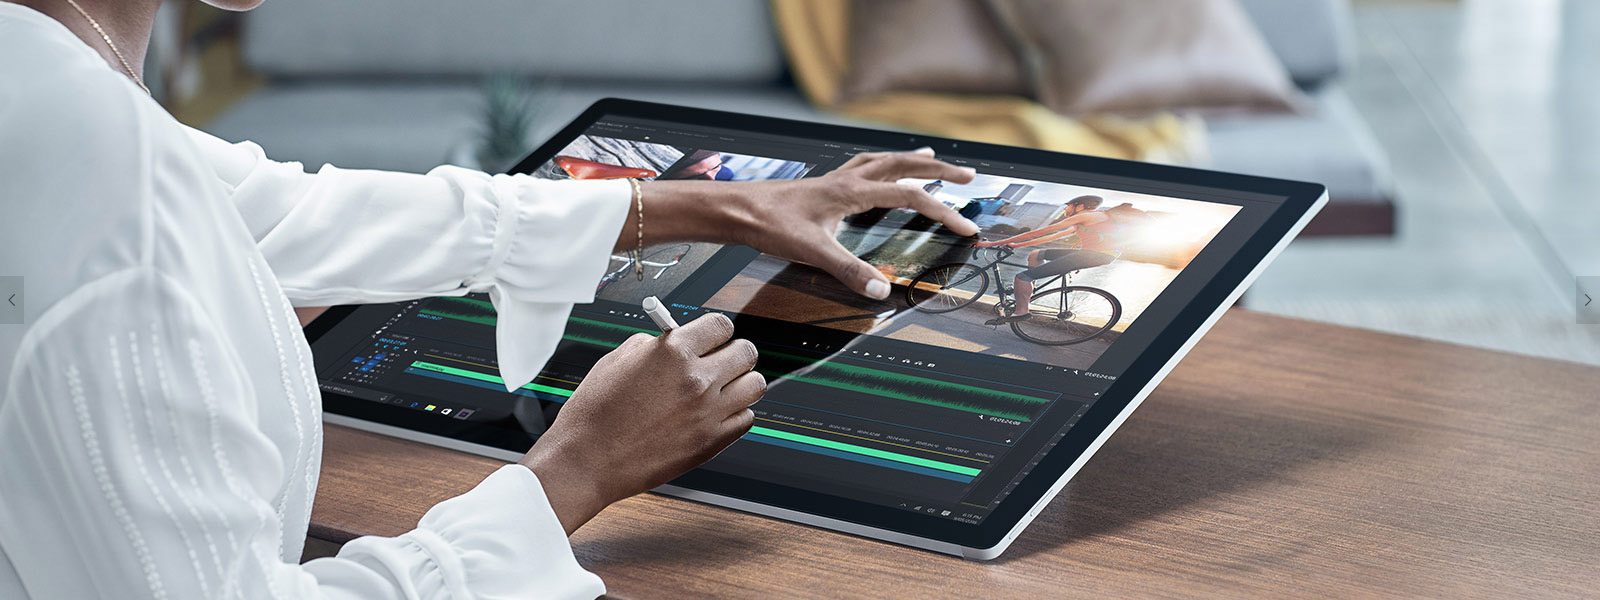 有人在螢幕上使用 Surface 手寫筆和觸控功能。